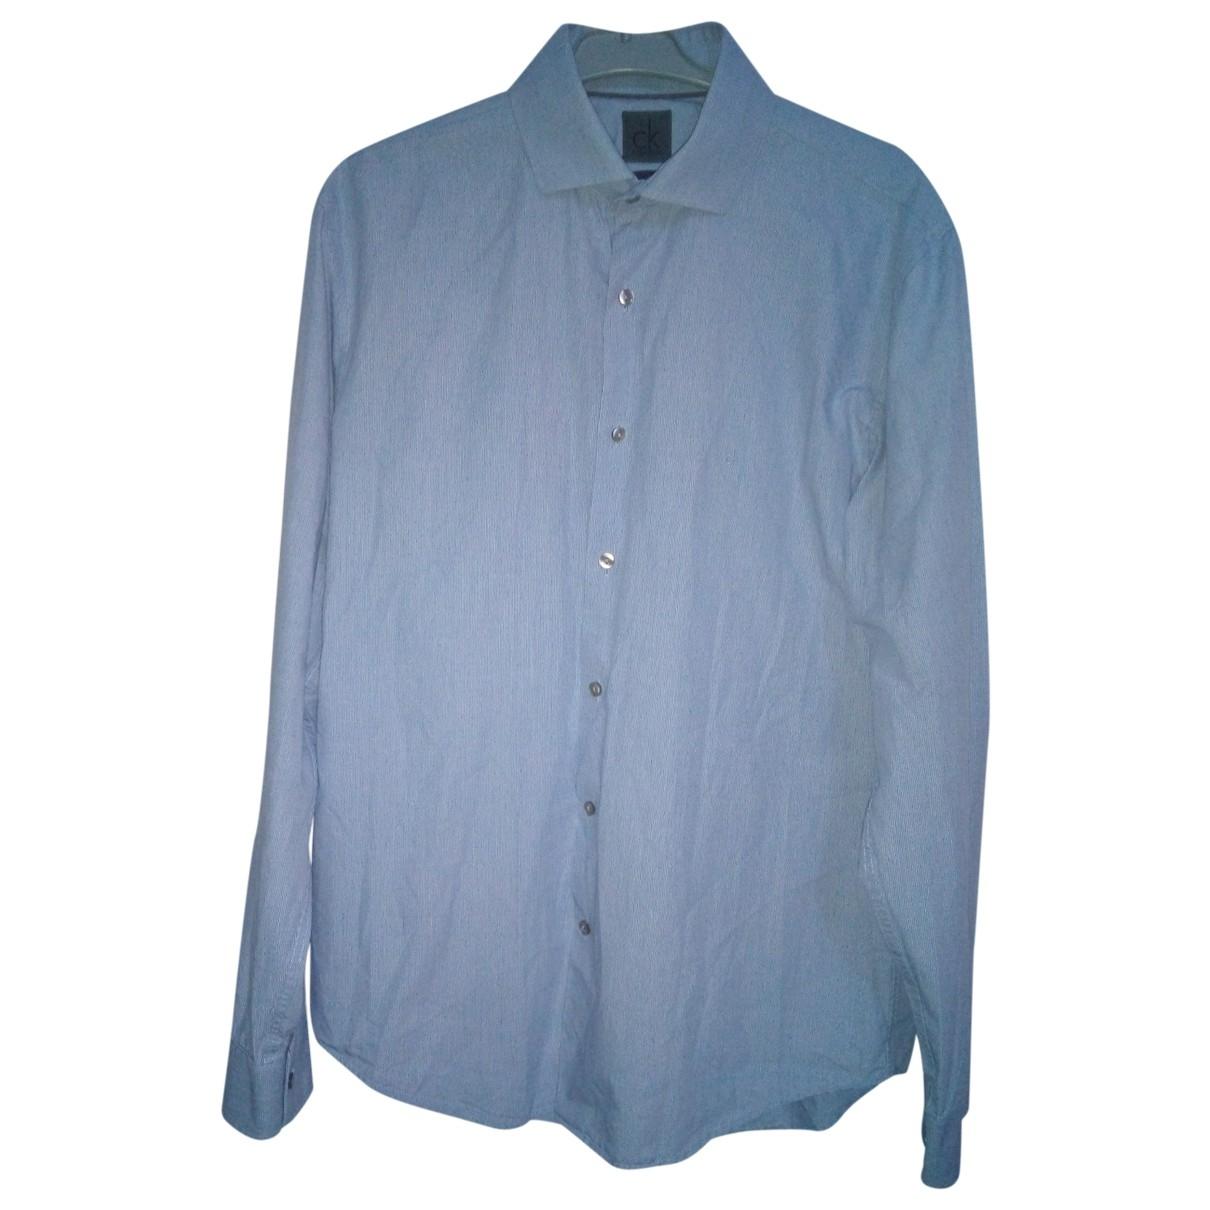 Calvin Klein \N Blue Shirts for Men 39 EU (tour de cou / collar)